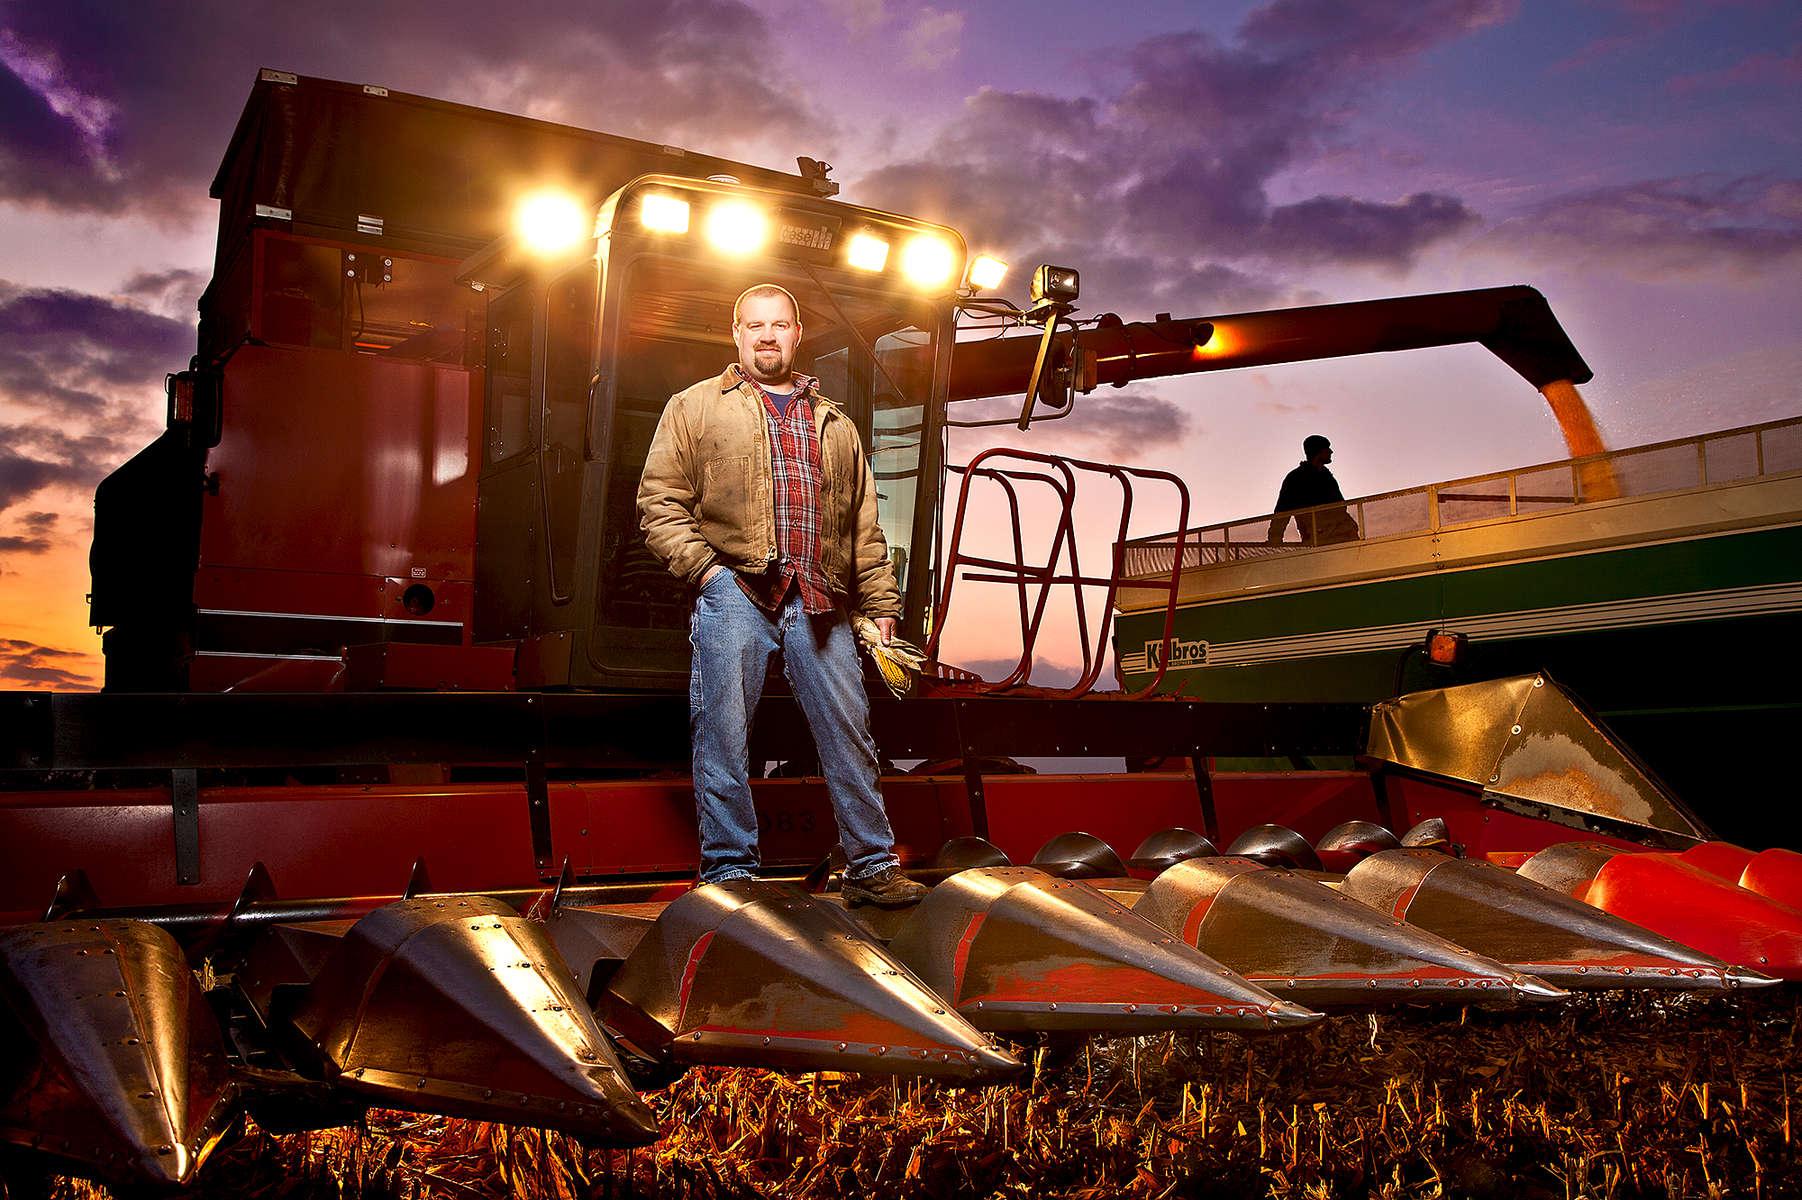 Adam Brahmstedt - Farmer